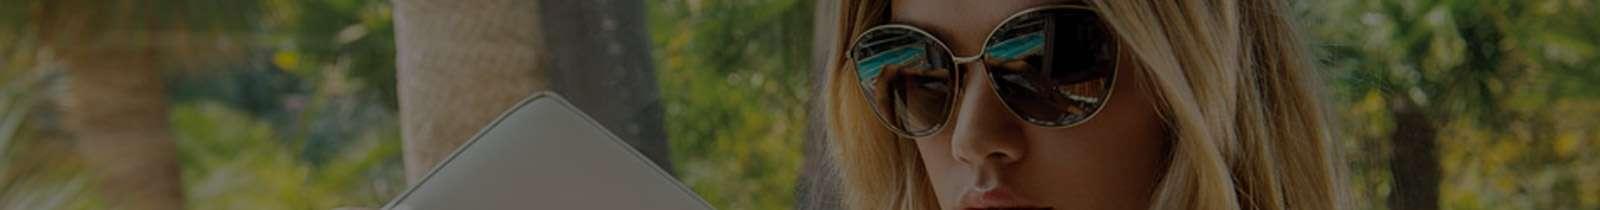 sunglasses on girl